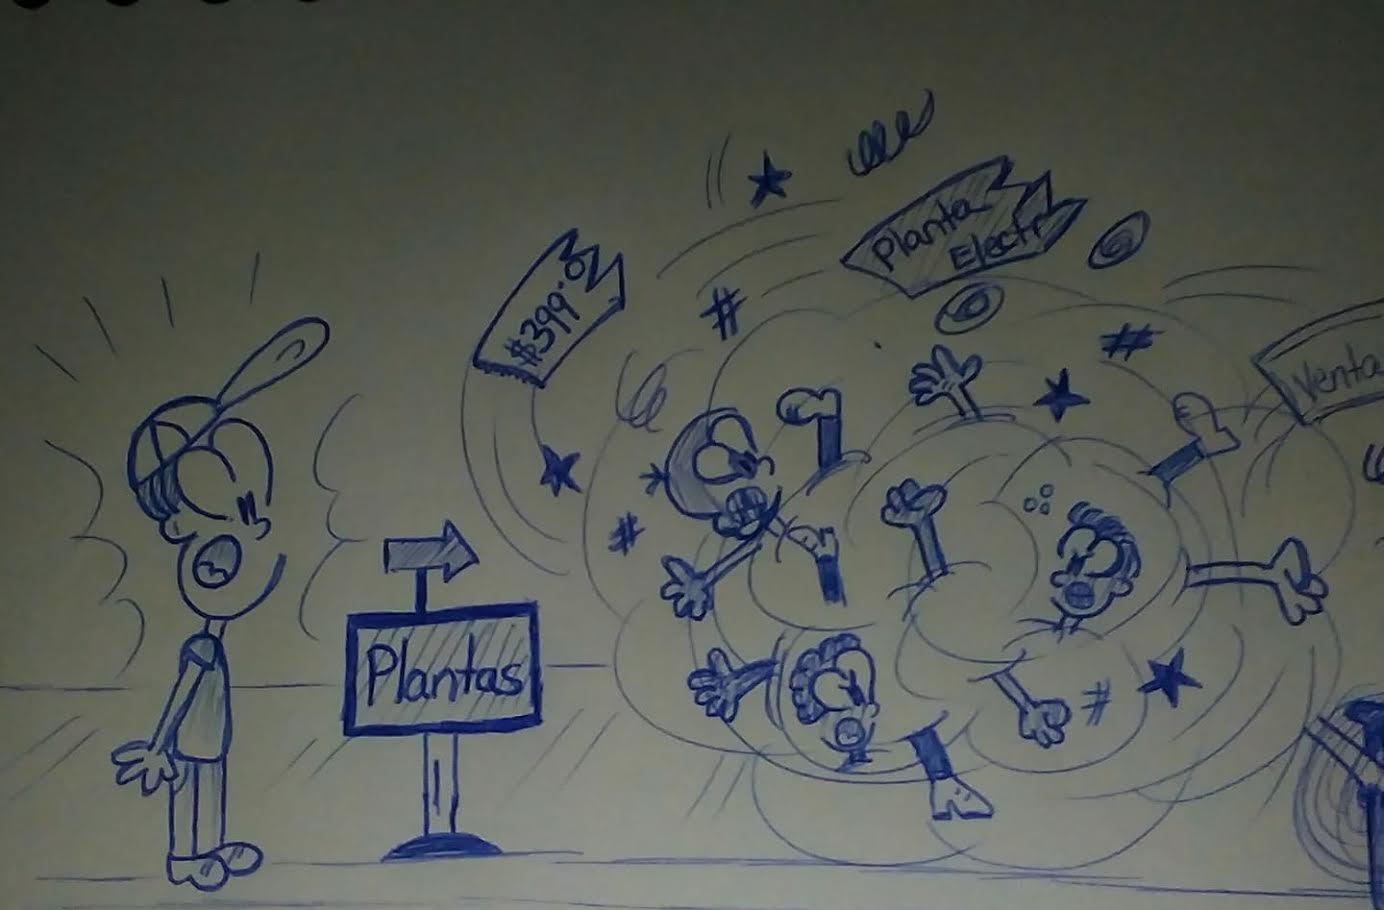 ilustración mostrando caricaturas peleando y uno de ellos sorprendido